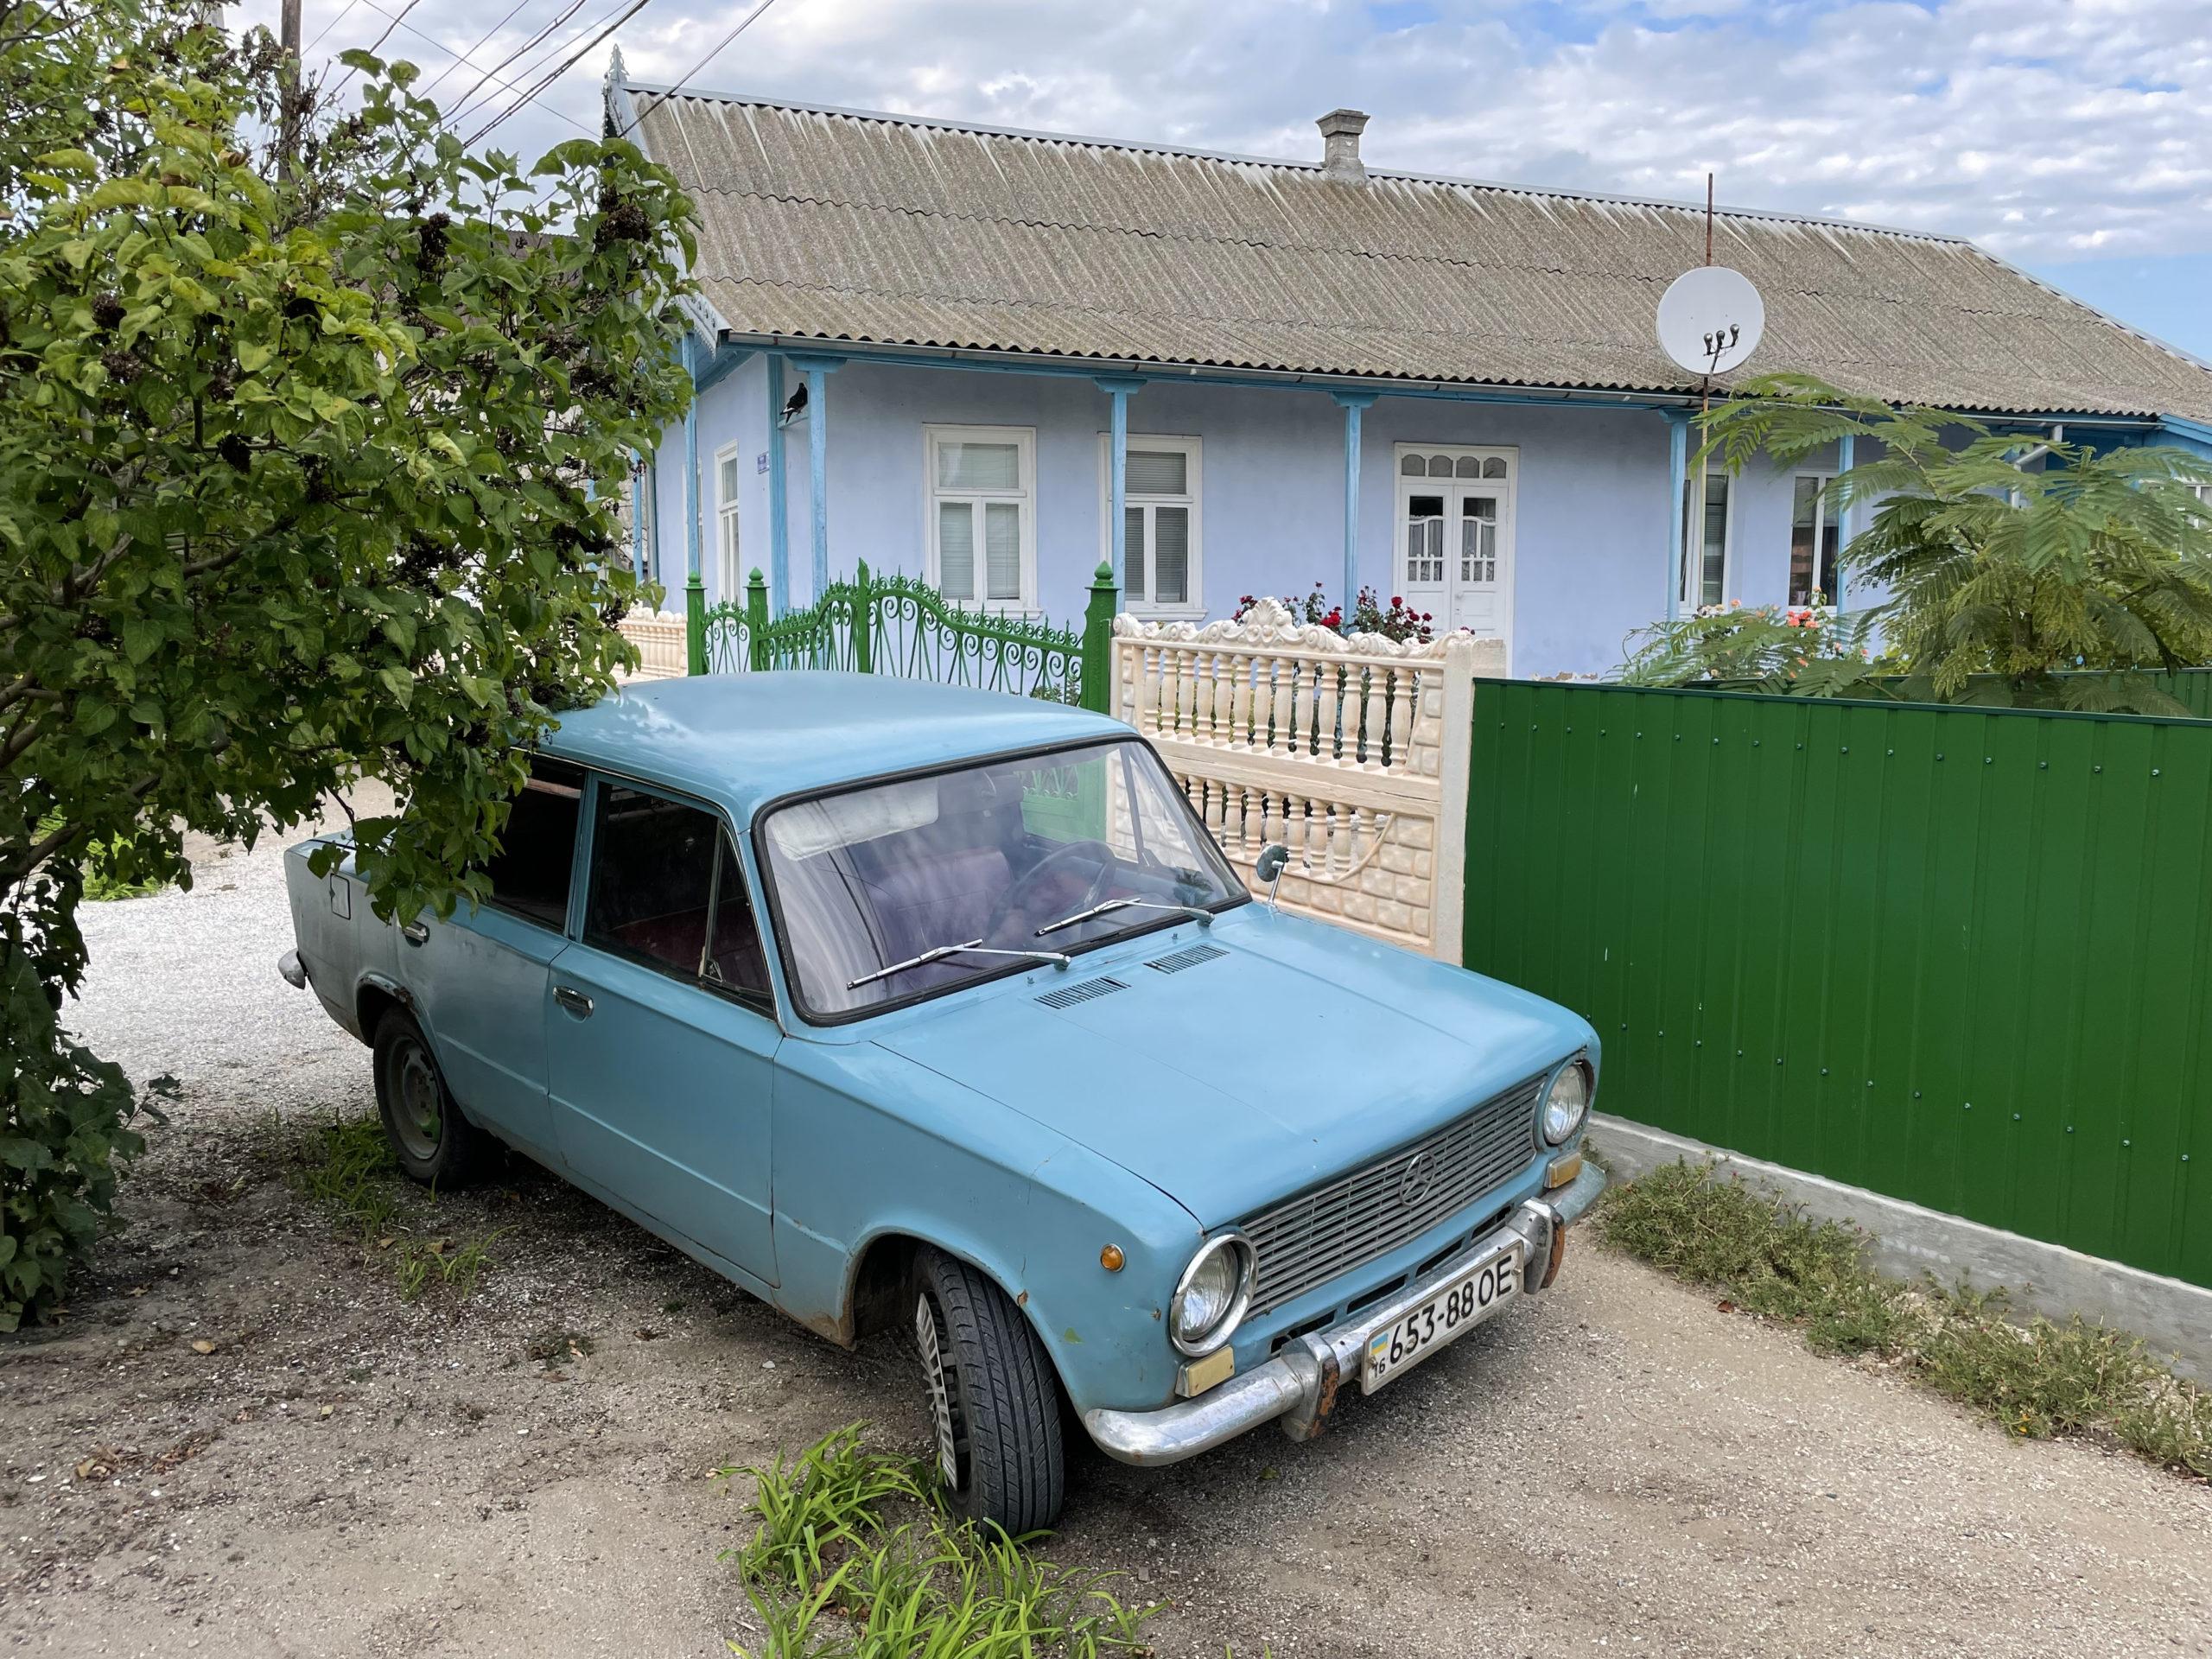 Ukraina to raj dla miłośników youngtimerów z krajów byłego ZSRR